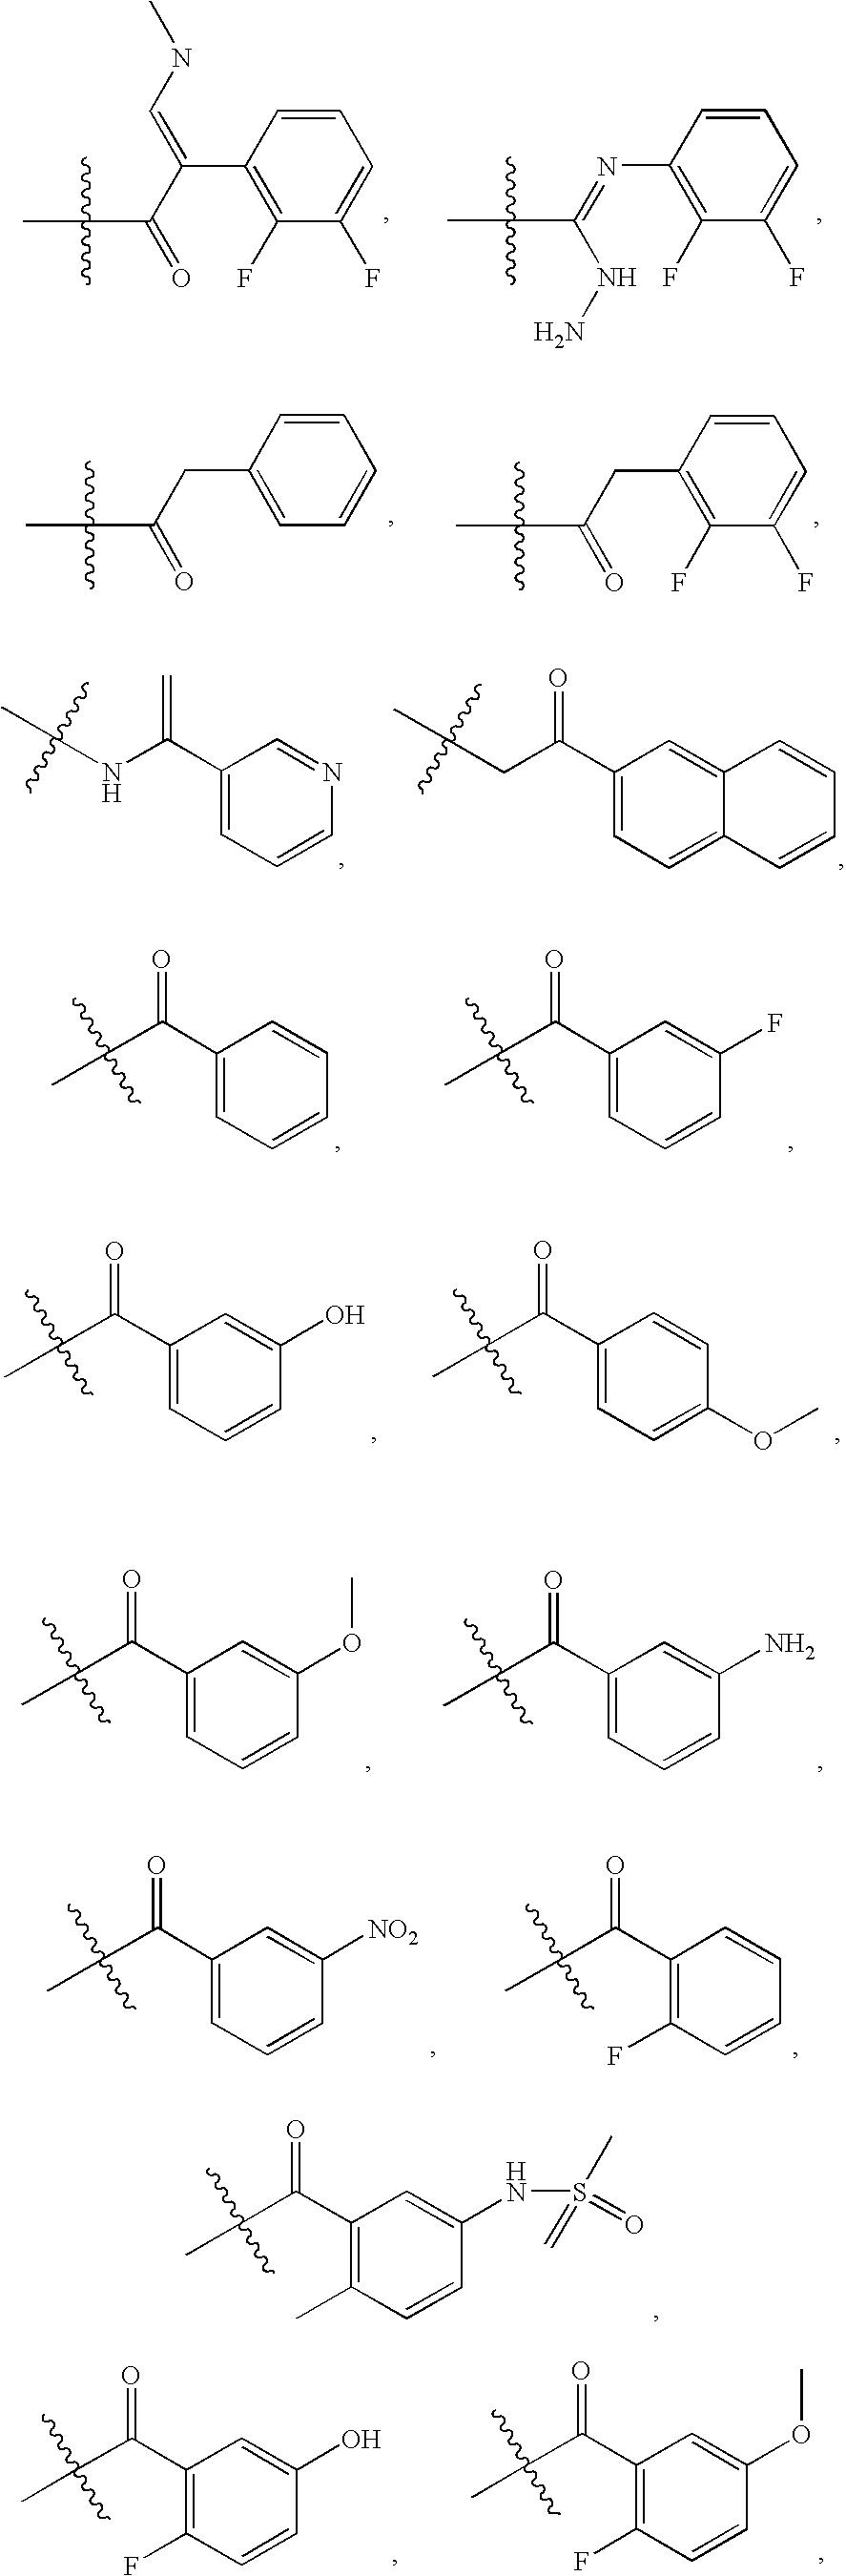 Figure US20100249118A1-20100930-C00029